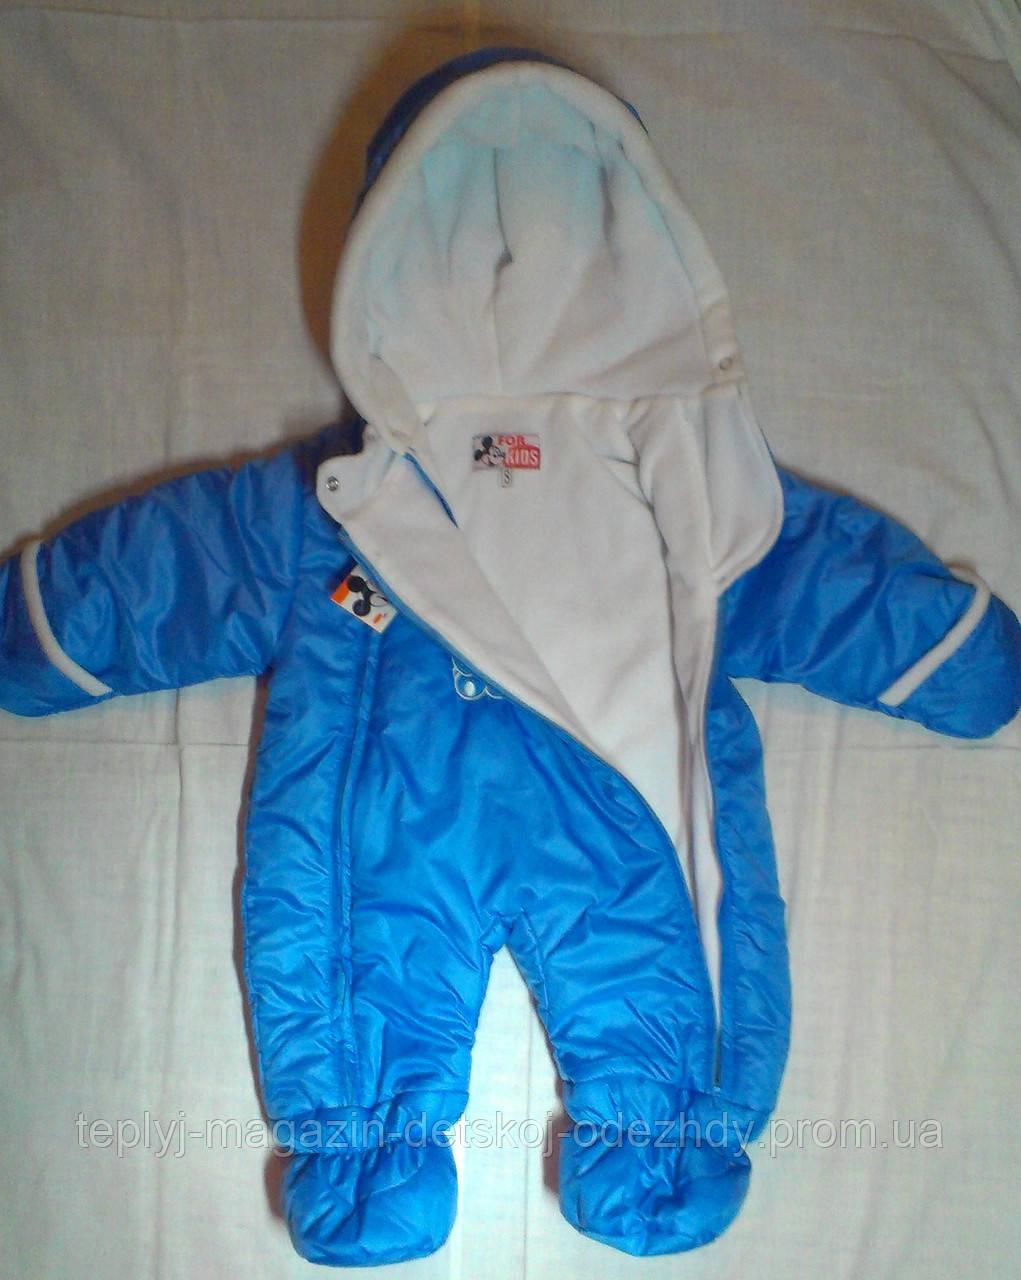 интернет магазин детской одежды наборы